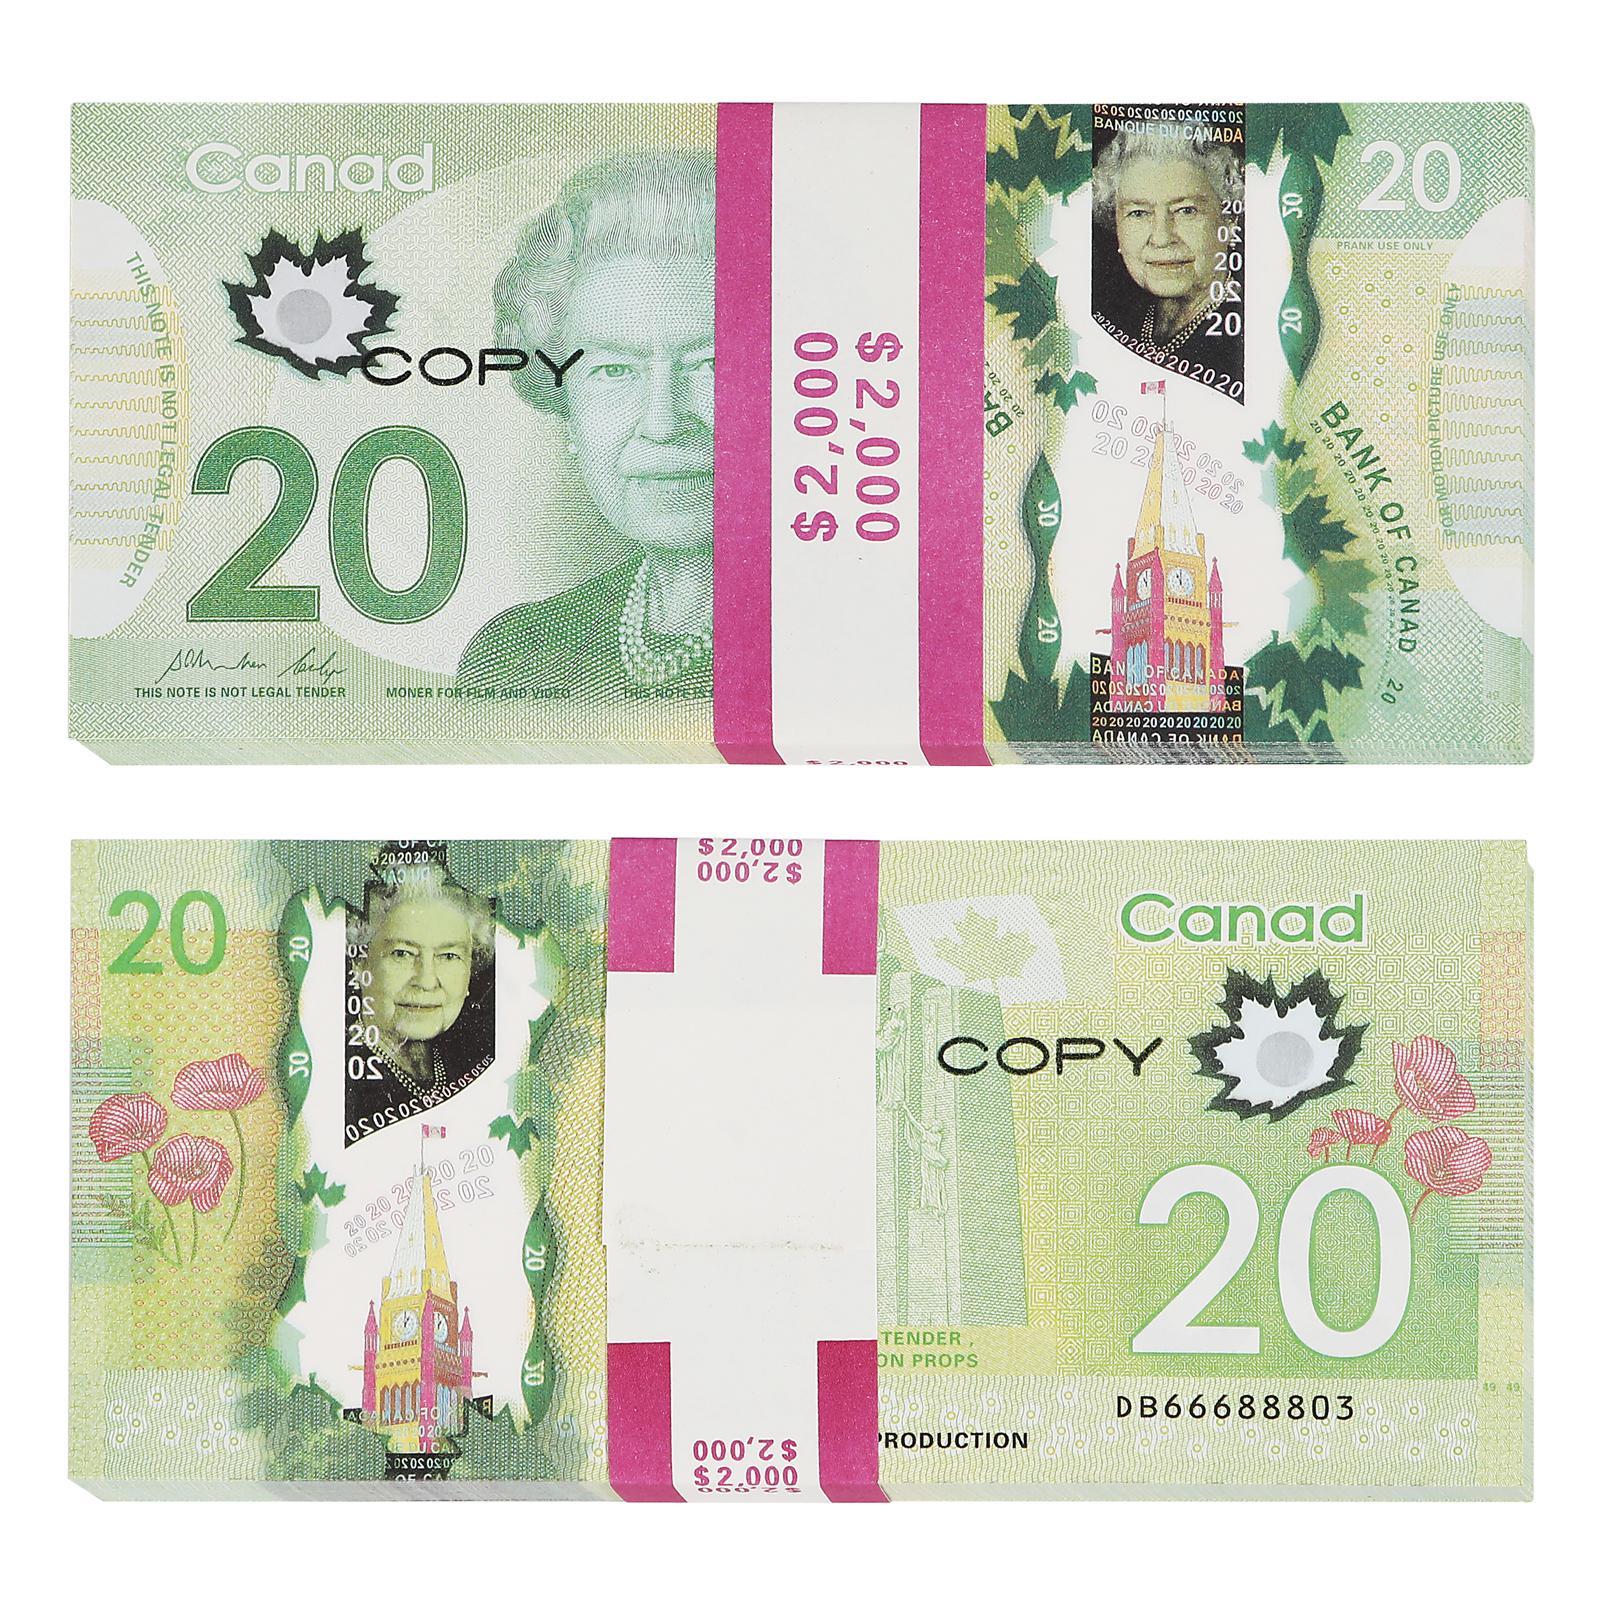 Prop Canadian Game деньги доллар CAD банкноты бумаги подгонять поддельные счета фильмов реквизит